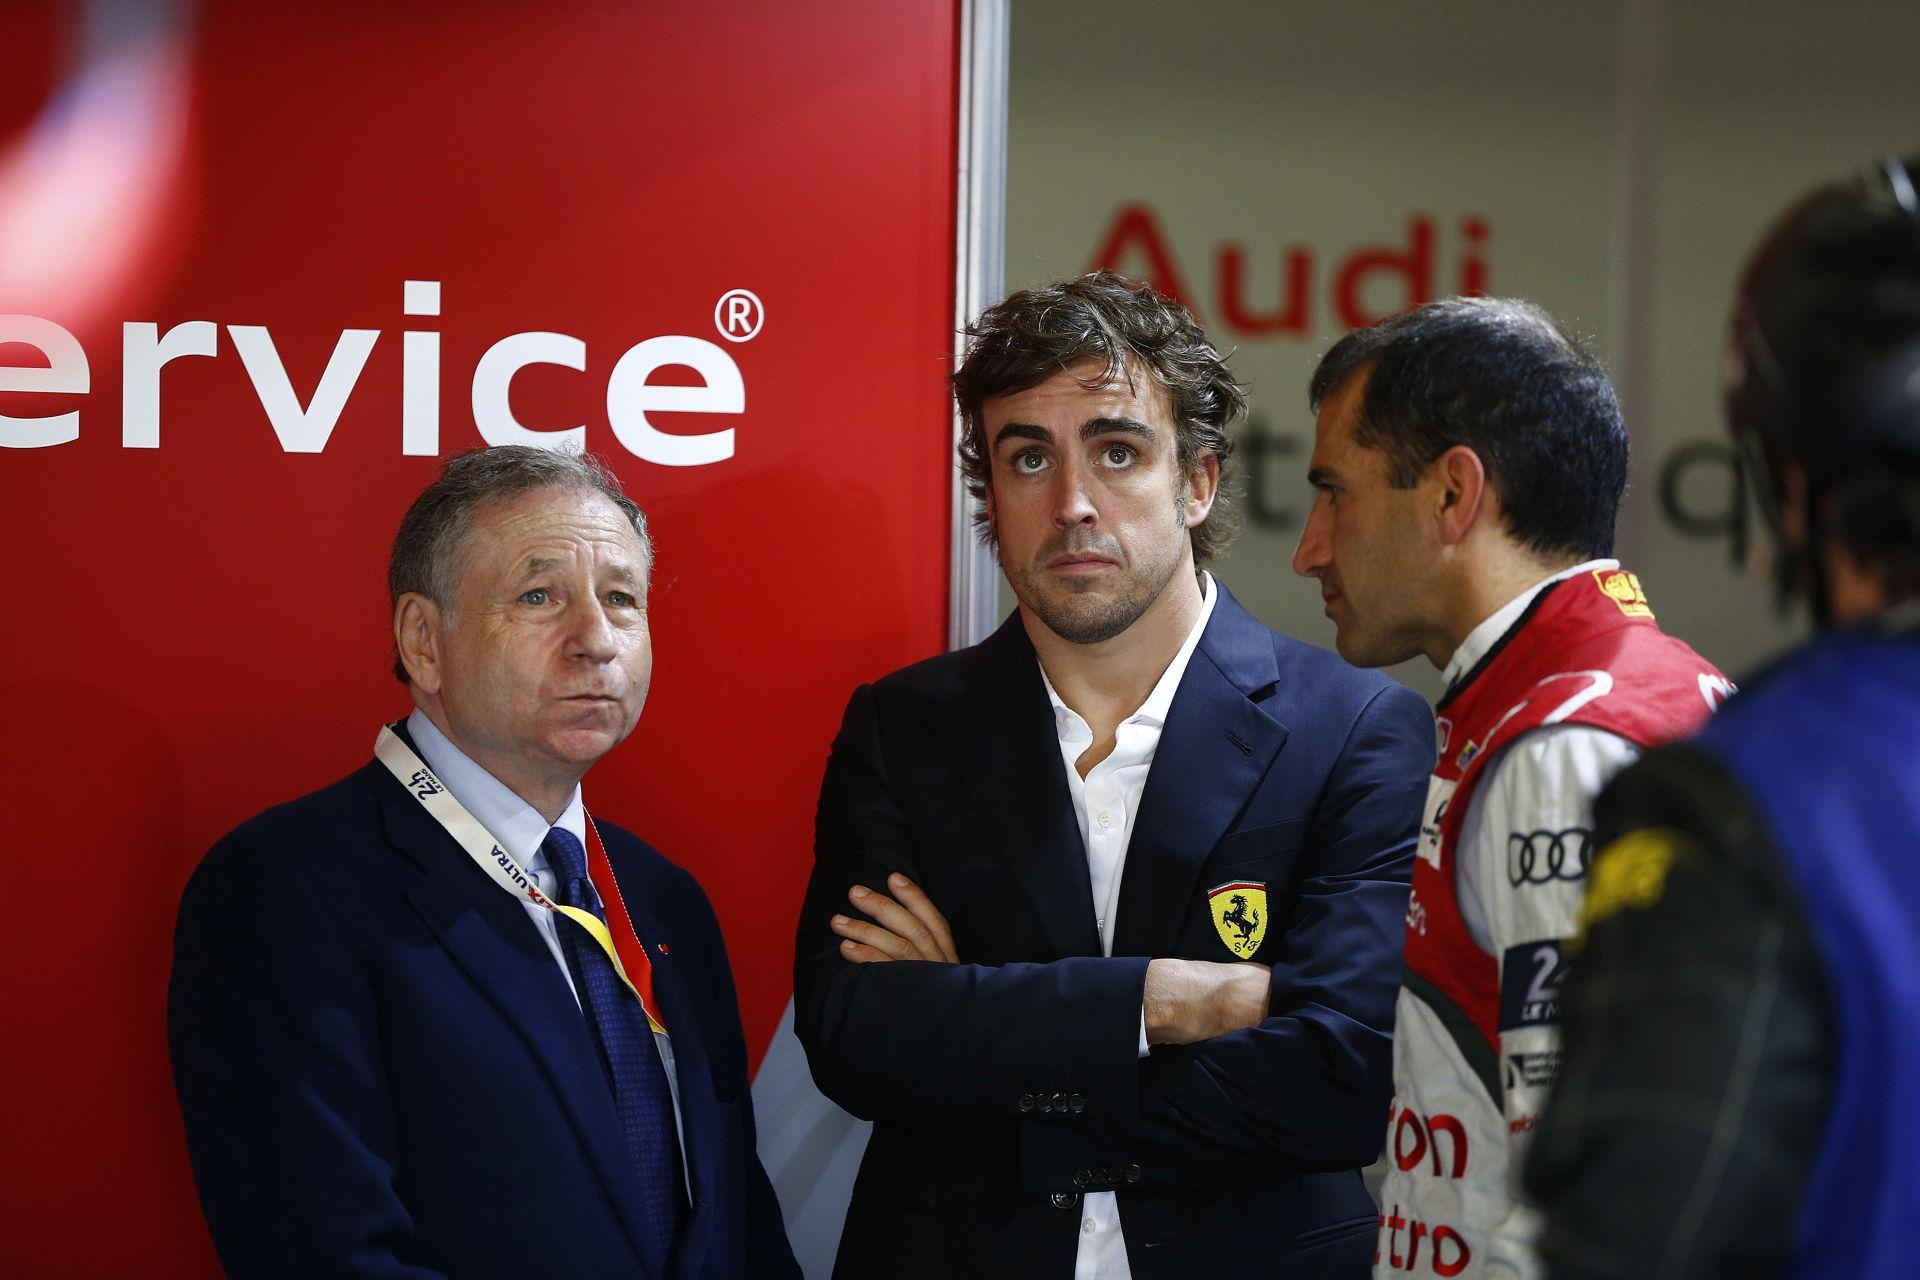 Végre egy pálya a Forma-1-ben, ahol a Ferrari is nyerhet?